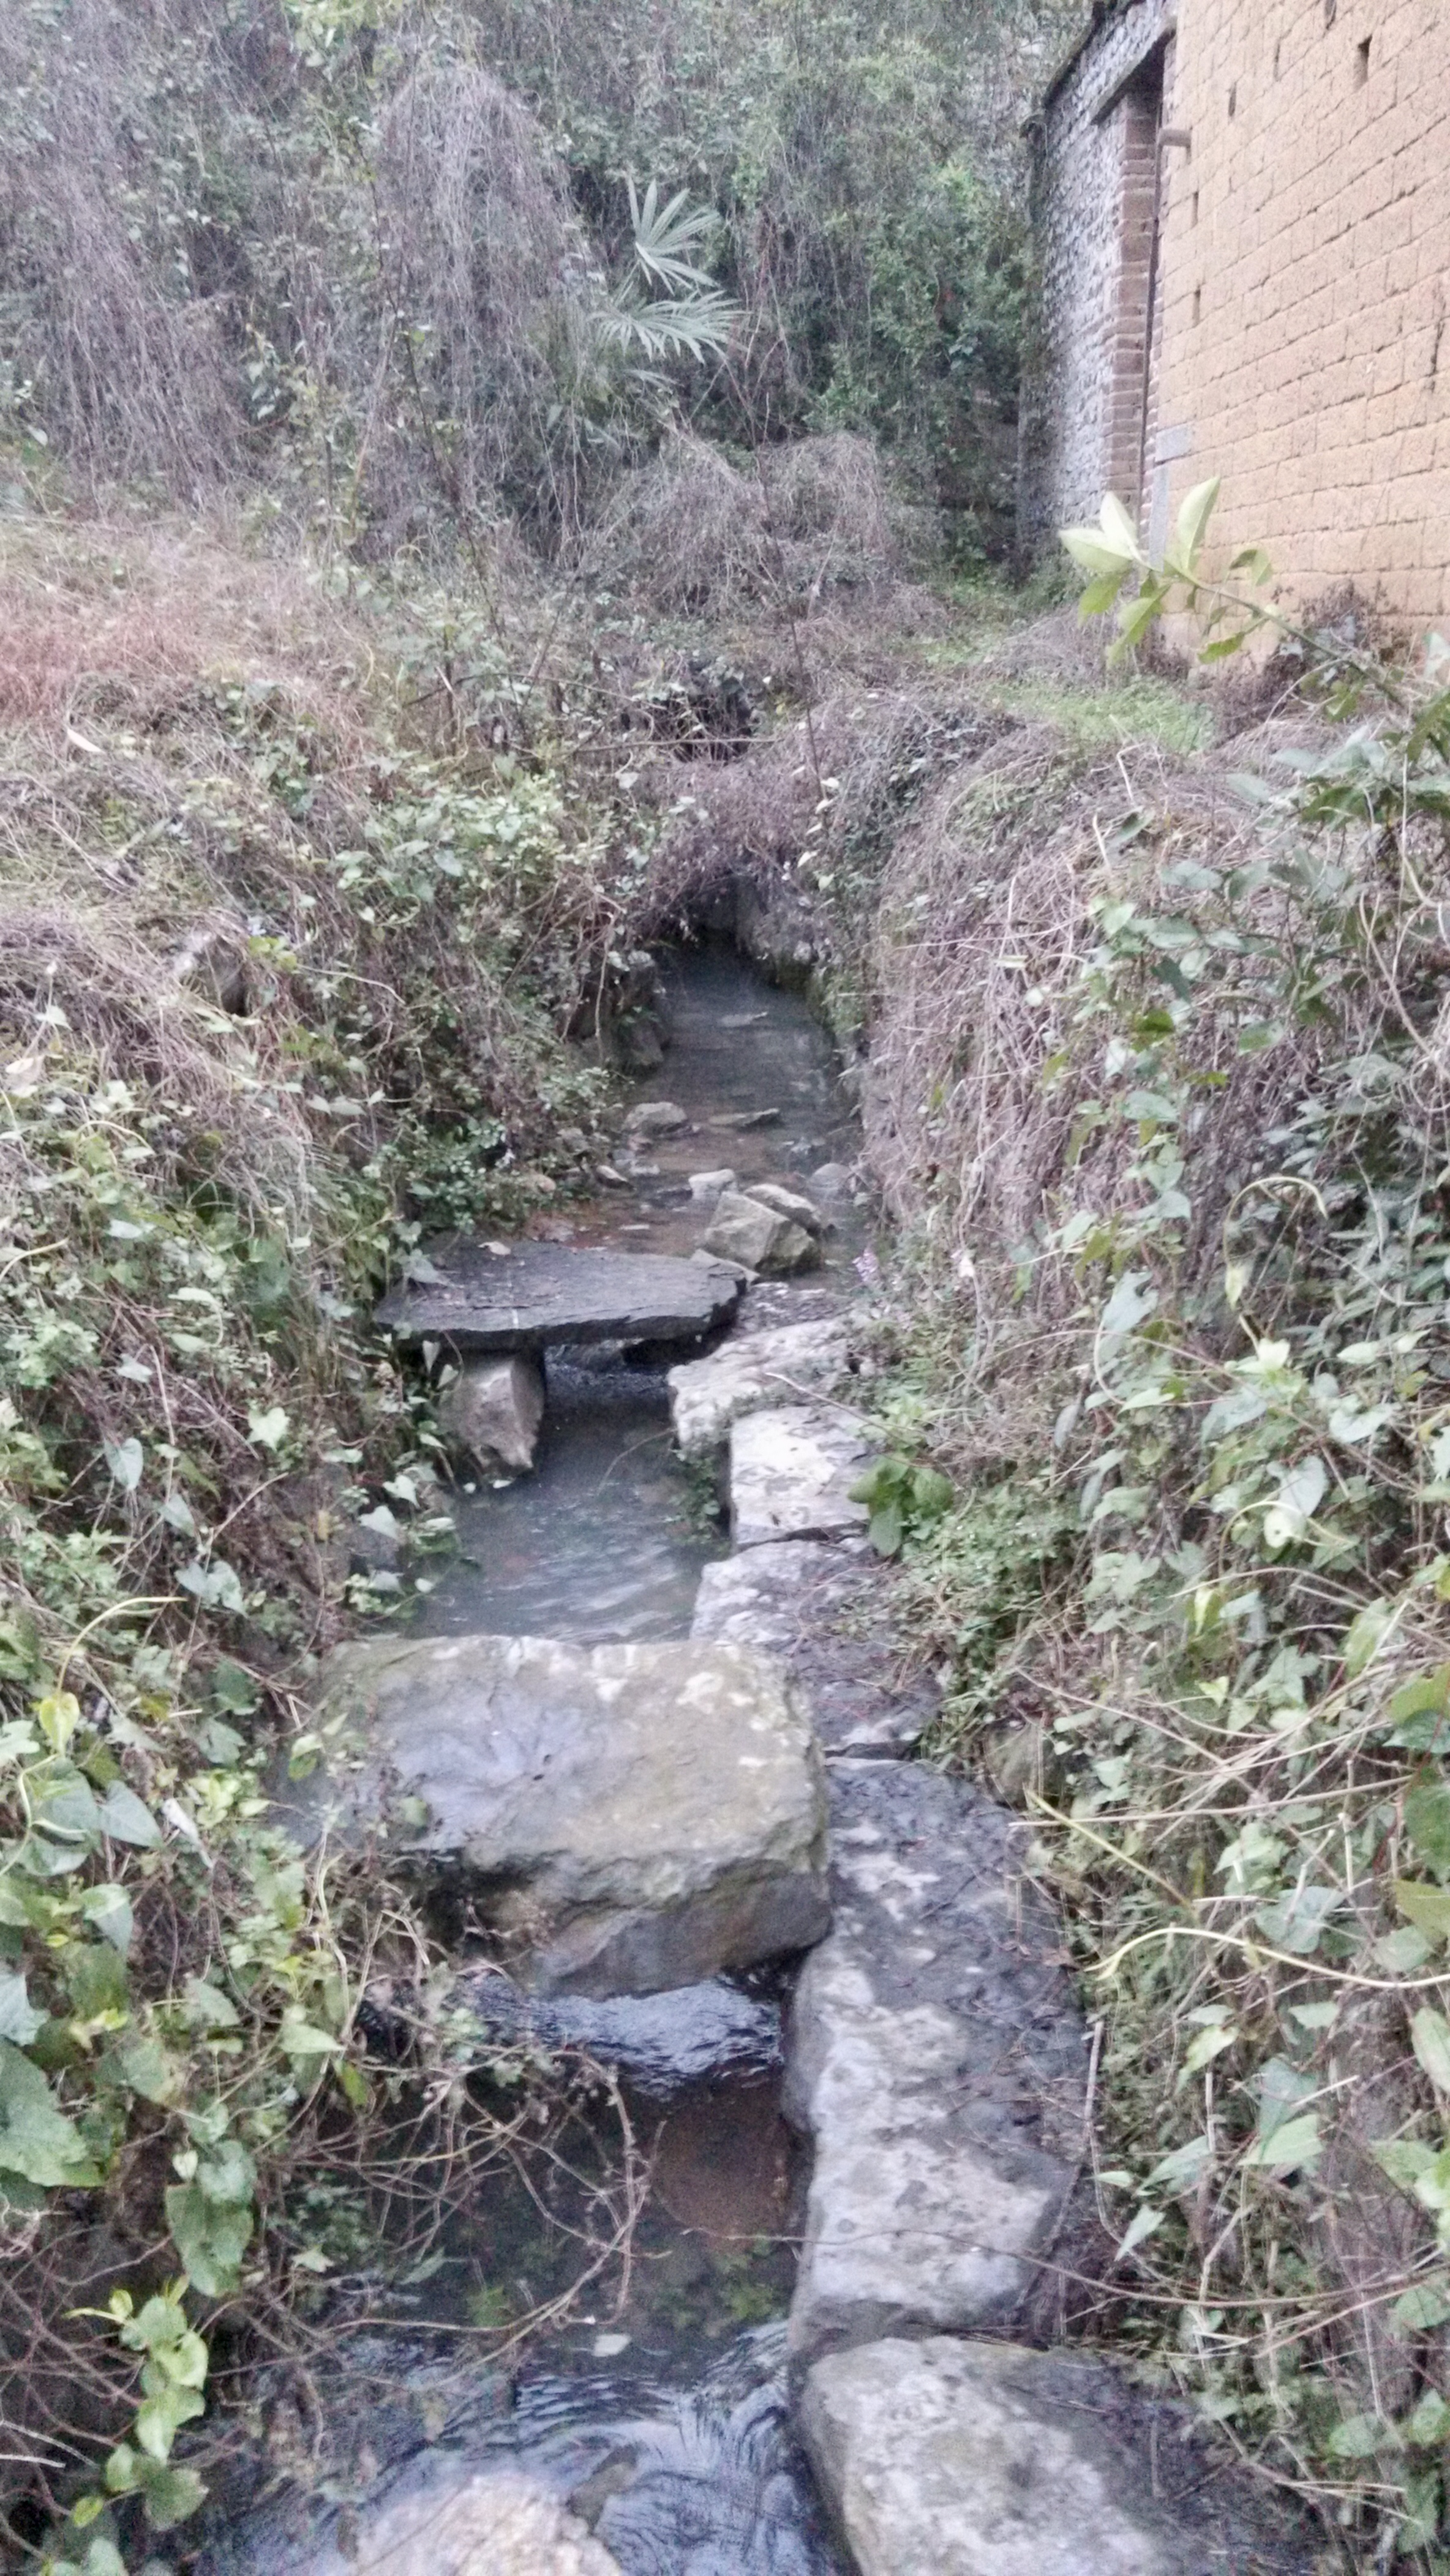 外祖父母家鄉老壪山脚下的泉水(攝于 20150221 18:17 正月初三,2020 年已被重新修建)